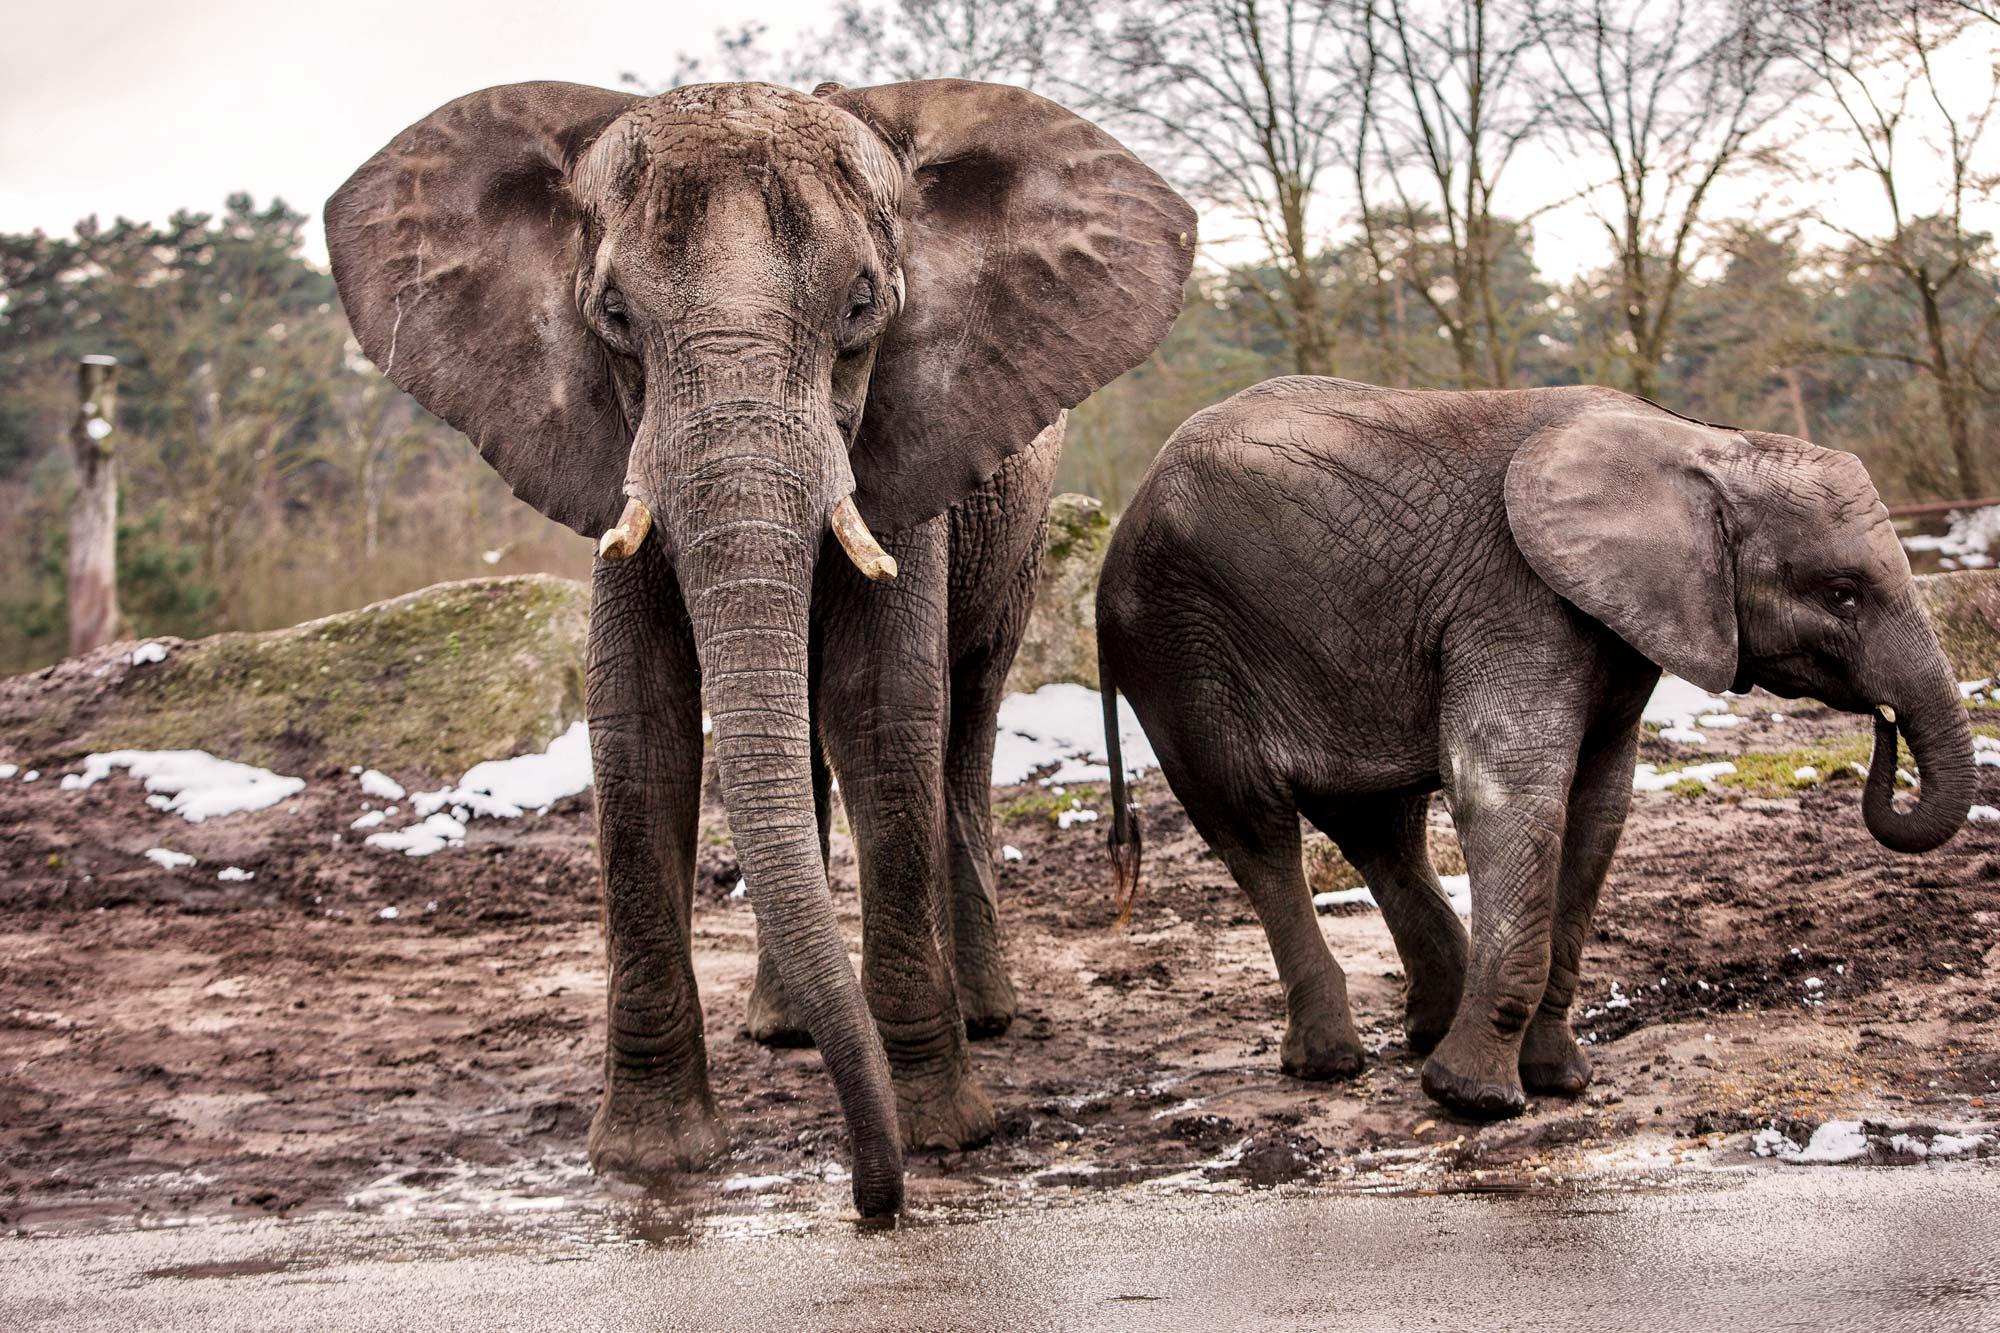 »Und wenn Sie schon einmal da sind, bringen Sie uns bitte auch gleich Fotos von Elefanten mit!« Wo in Redaktionen gespart wird, gibt es kein Budget, einen Fotografen an exotische Plätze zu schicken. Warum auch, wenn man den Job an einem Tag im Serengeti-Park Hodenhagen erledigen kann? Und das mit dem Schnee merkt vielleicht keiner!